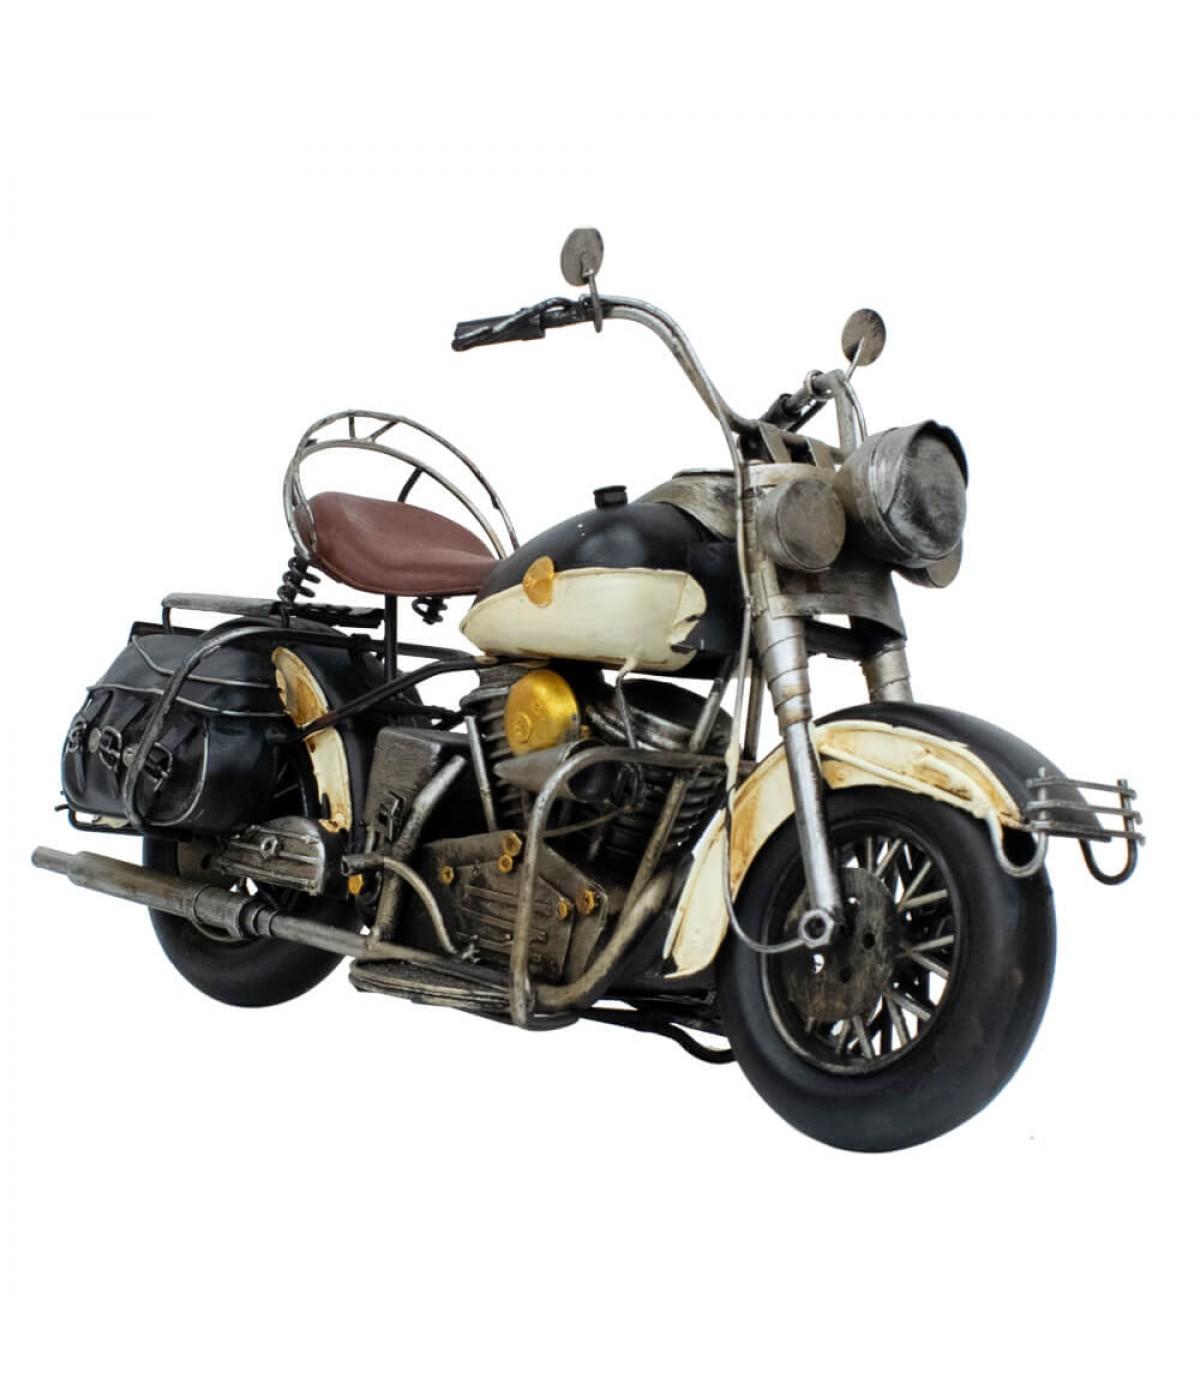 Motocicleta Branca 18x35x12cm Estilo Retrô - Vintage